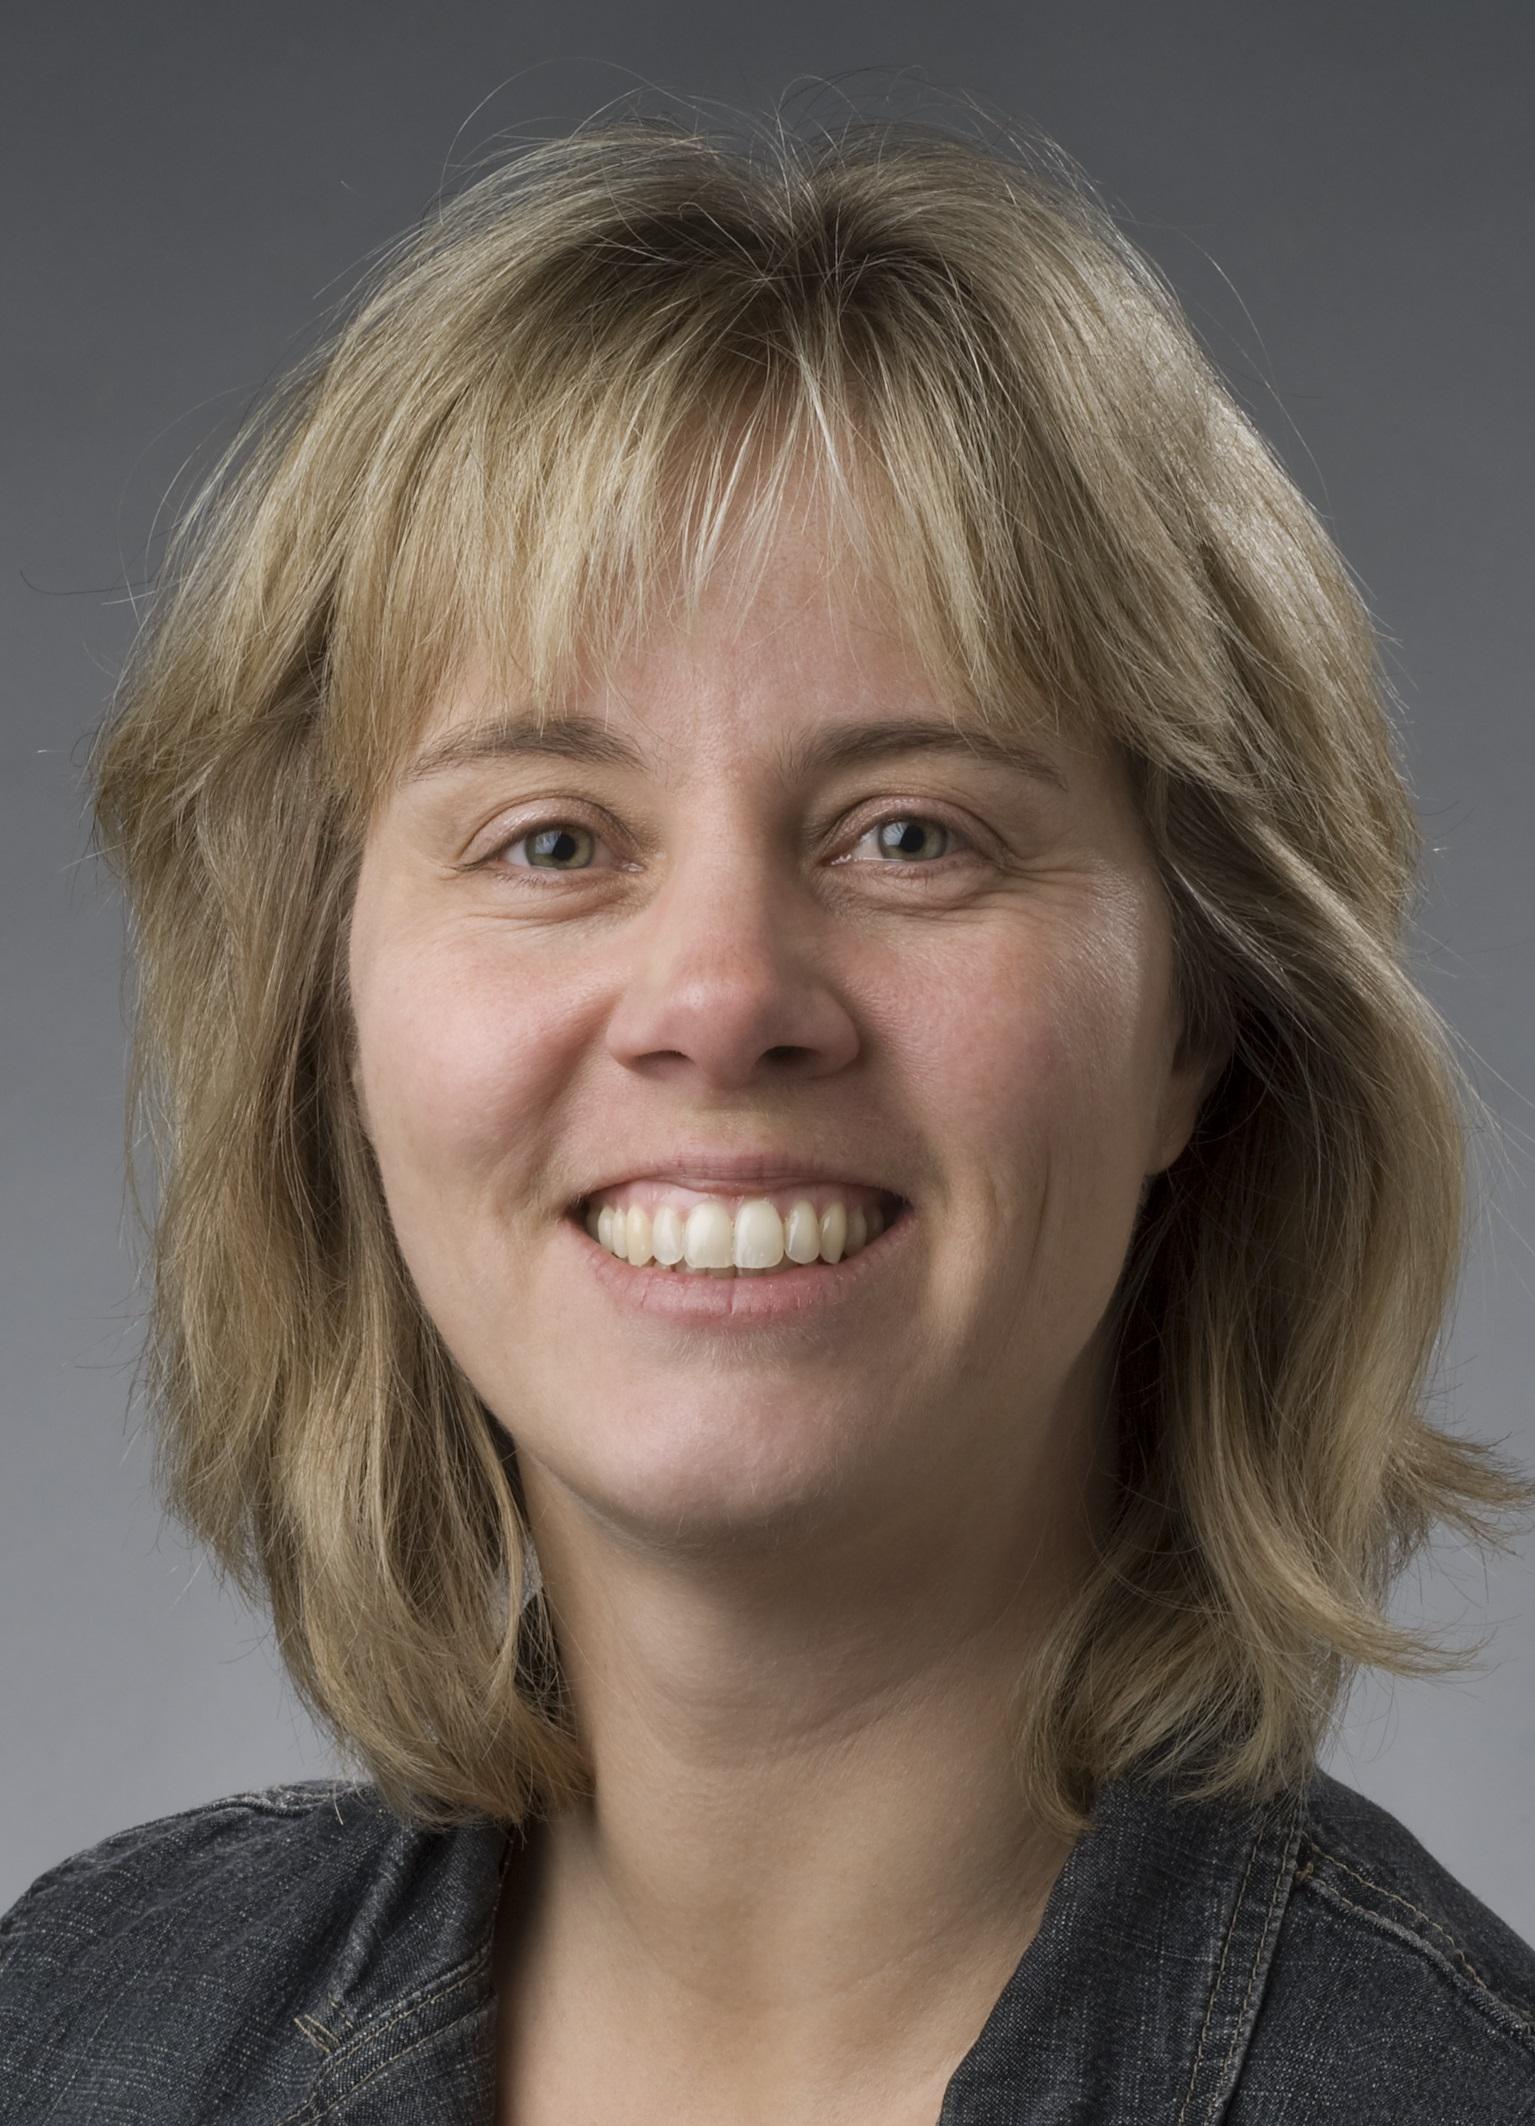 Mette Svart Kristiansen